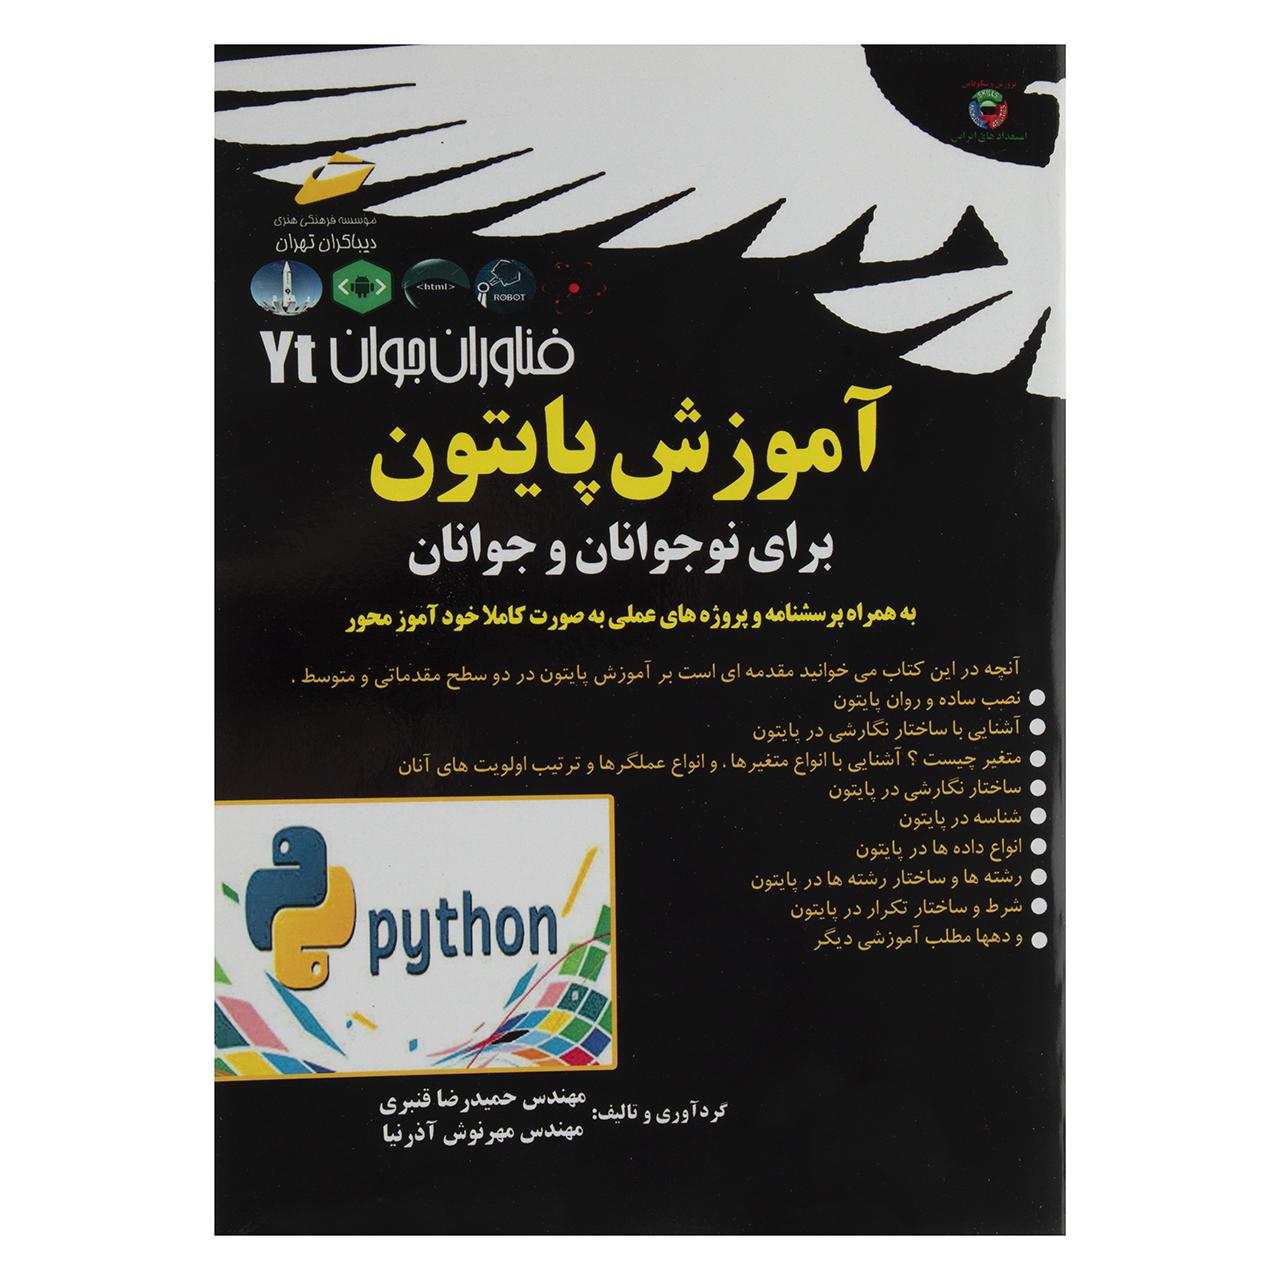 کتاب آموزش پایتون برای نوجوانان و جوانان اثر مهندس حمیدرضا قنبری نشر دیباگران تهران